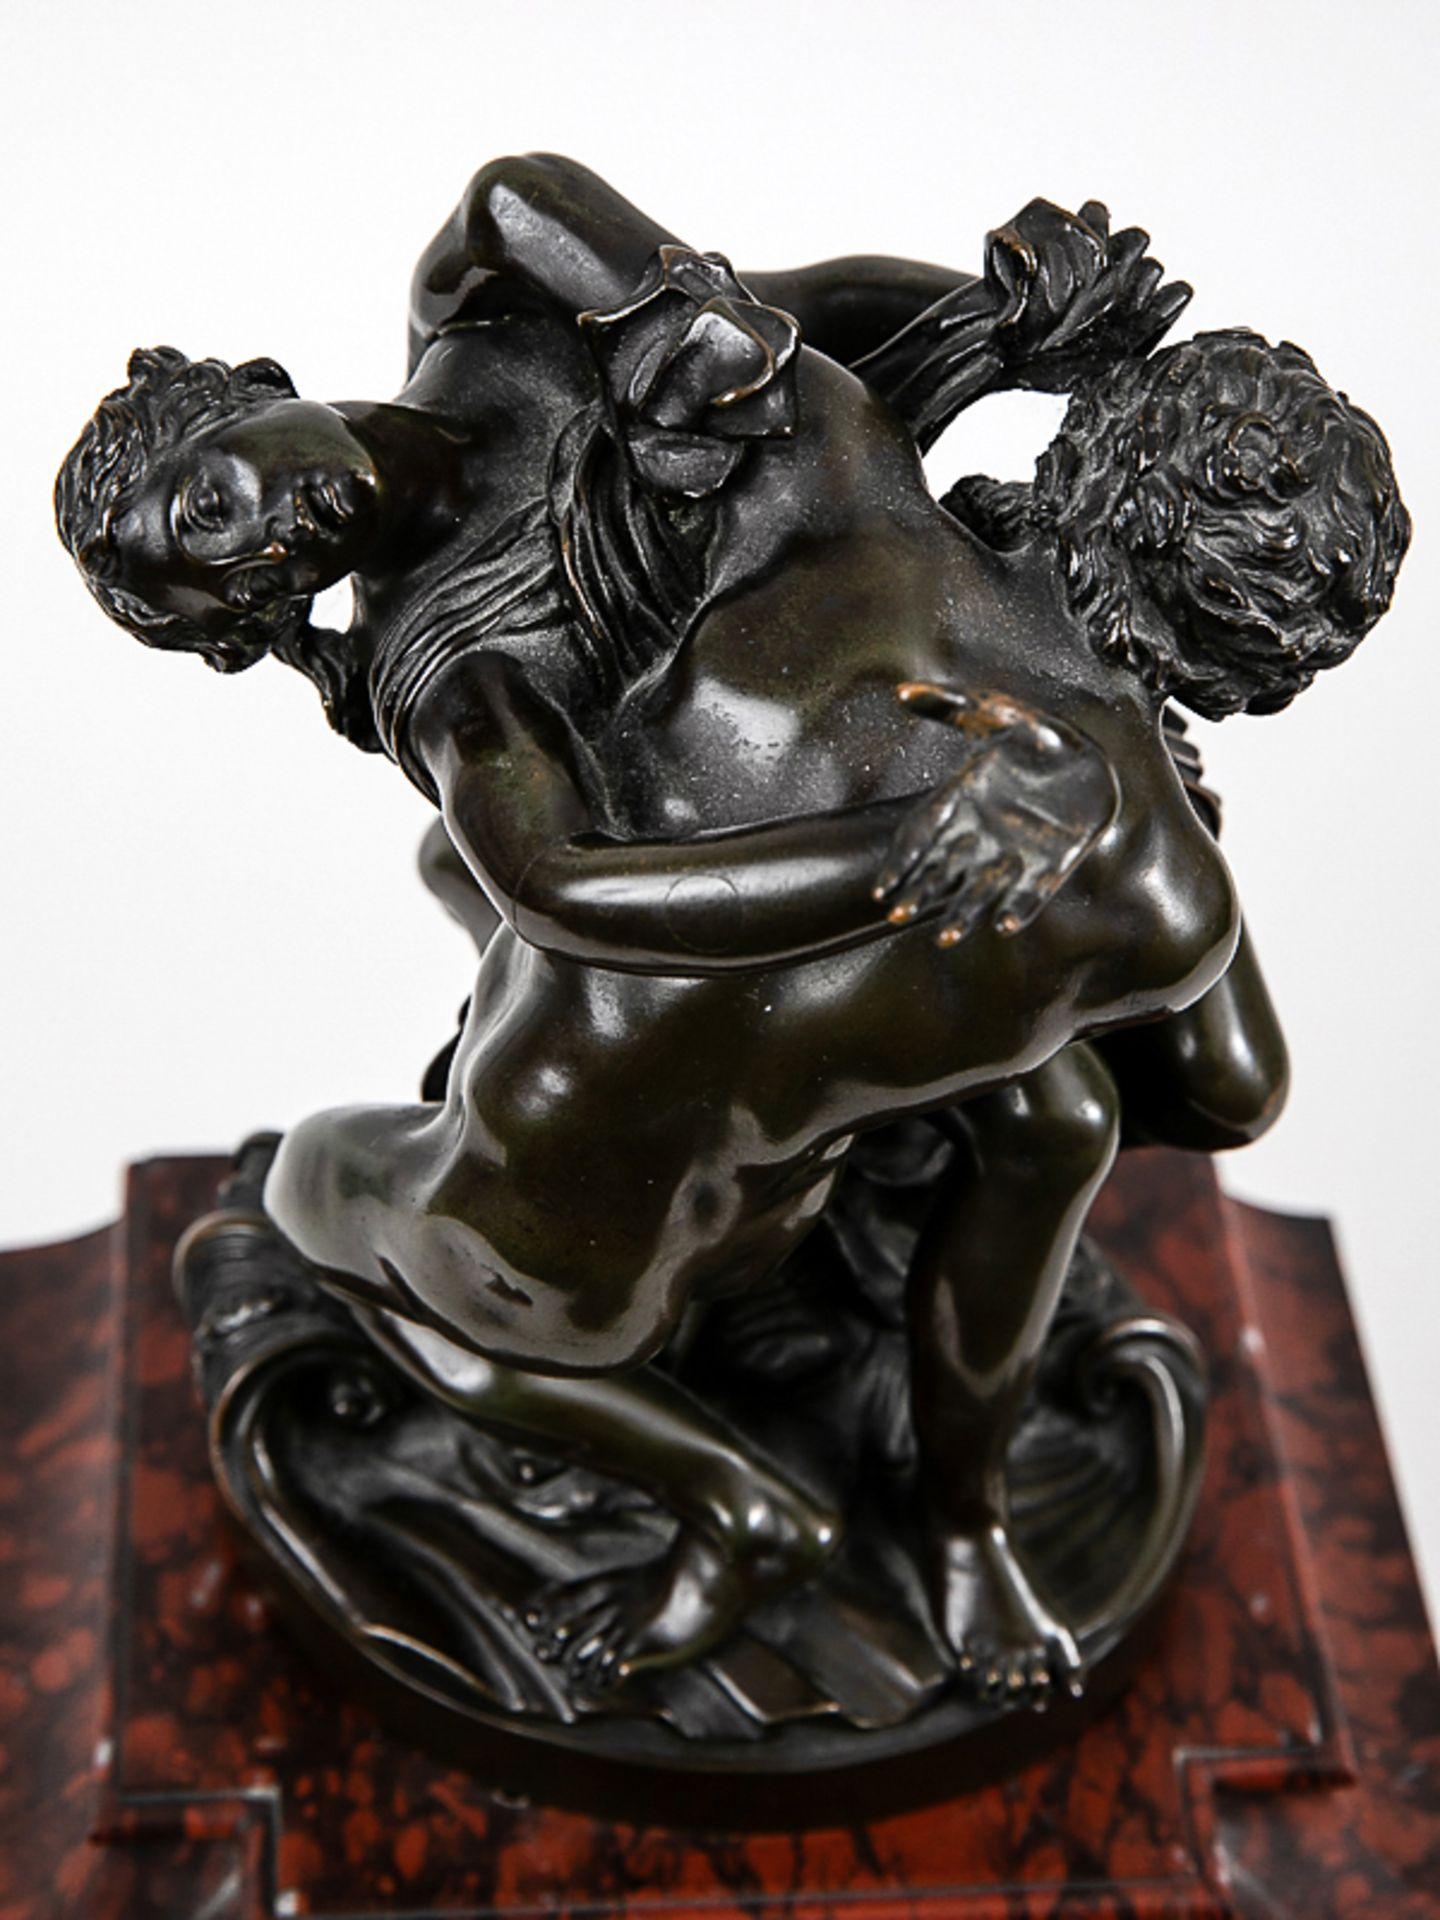 Kaminuhr mit Bronzegruppe, H. Jacquet & Fils/ Roblin, Paris, 2. Hälfte 19. Jh. Bronzeplastik i - Bild 9 aus 10